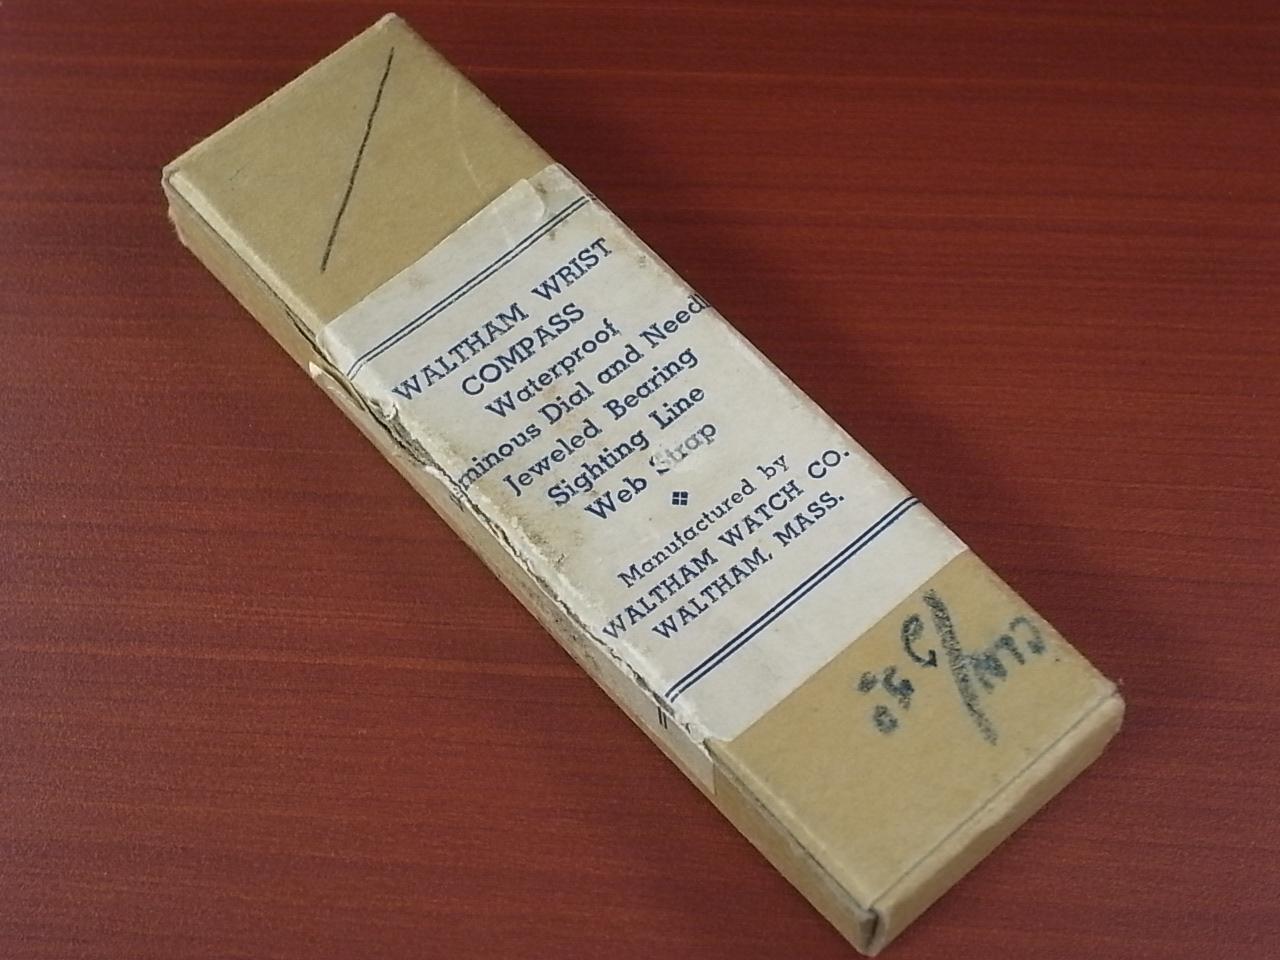 ウォルサム ミリタリー リストコンパス BOX付 第二次世界大戦 1940年代の写真5枚目